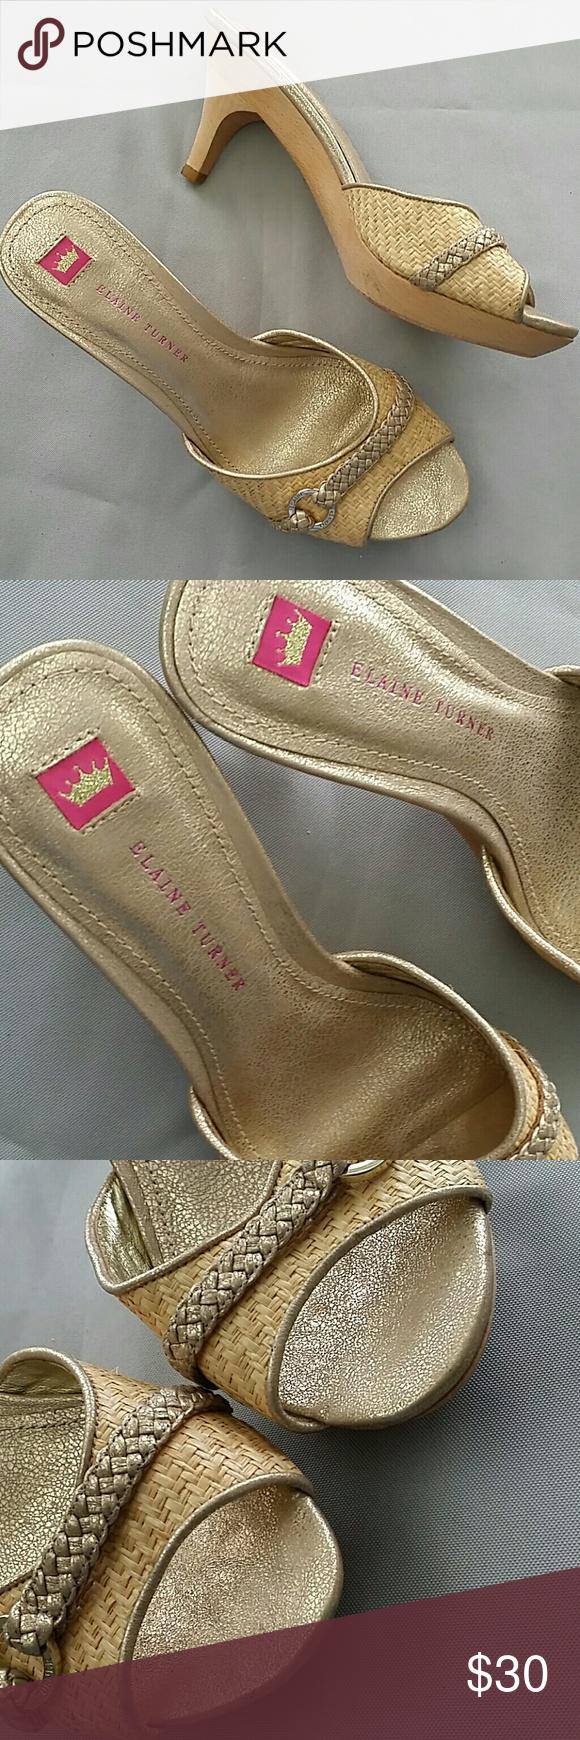 Elaine Turner Kitten Heel Sandals Nwot Gold Shimmery Heeled Sandals Size 7 5 Leather Upper Lining Sole Basket Kitten Heel Sandals Sandals Heels Kitten Heels